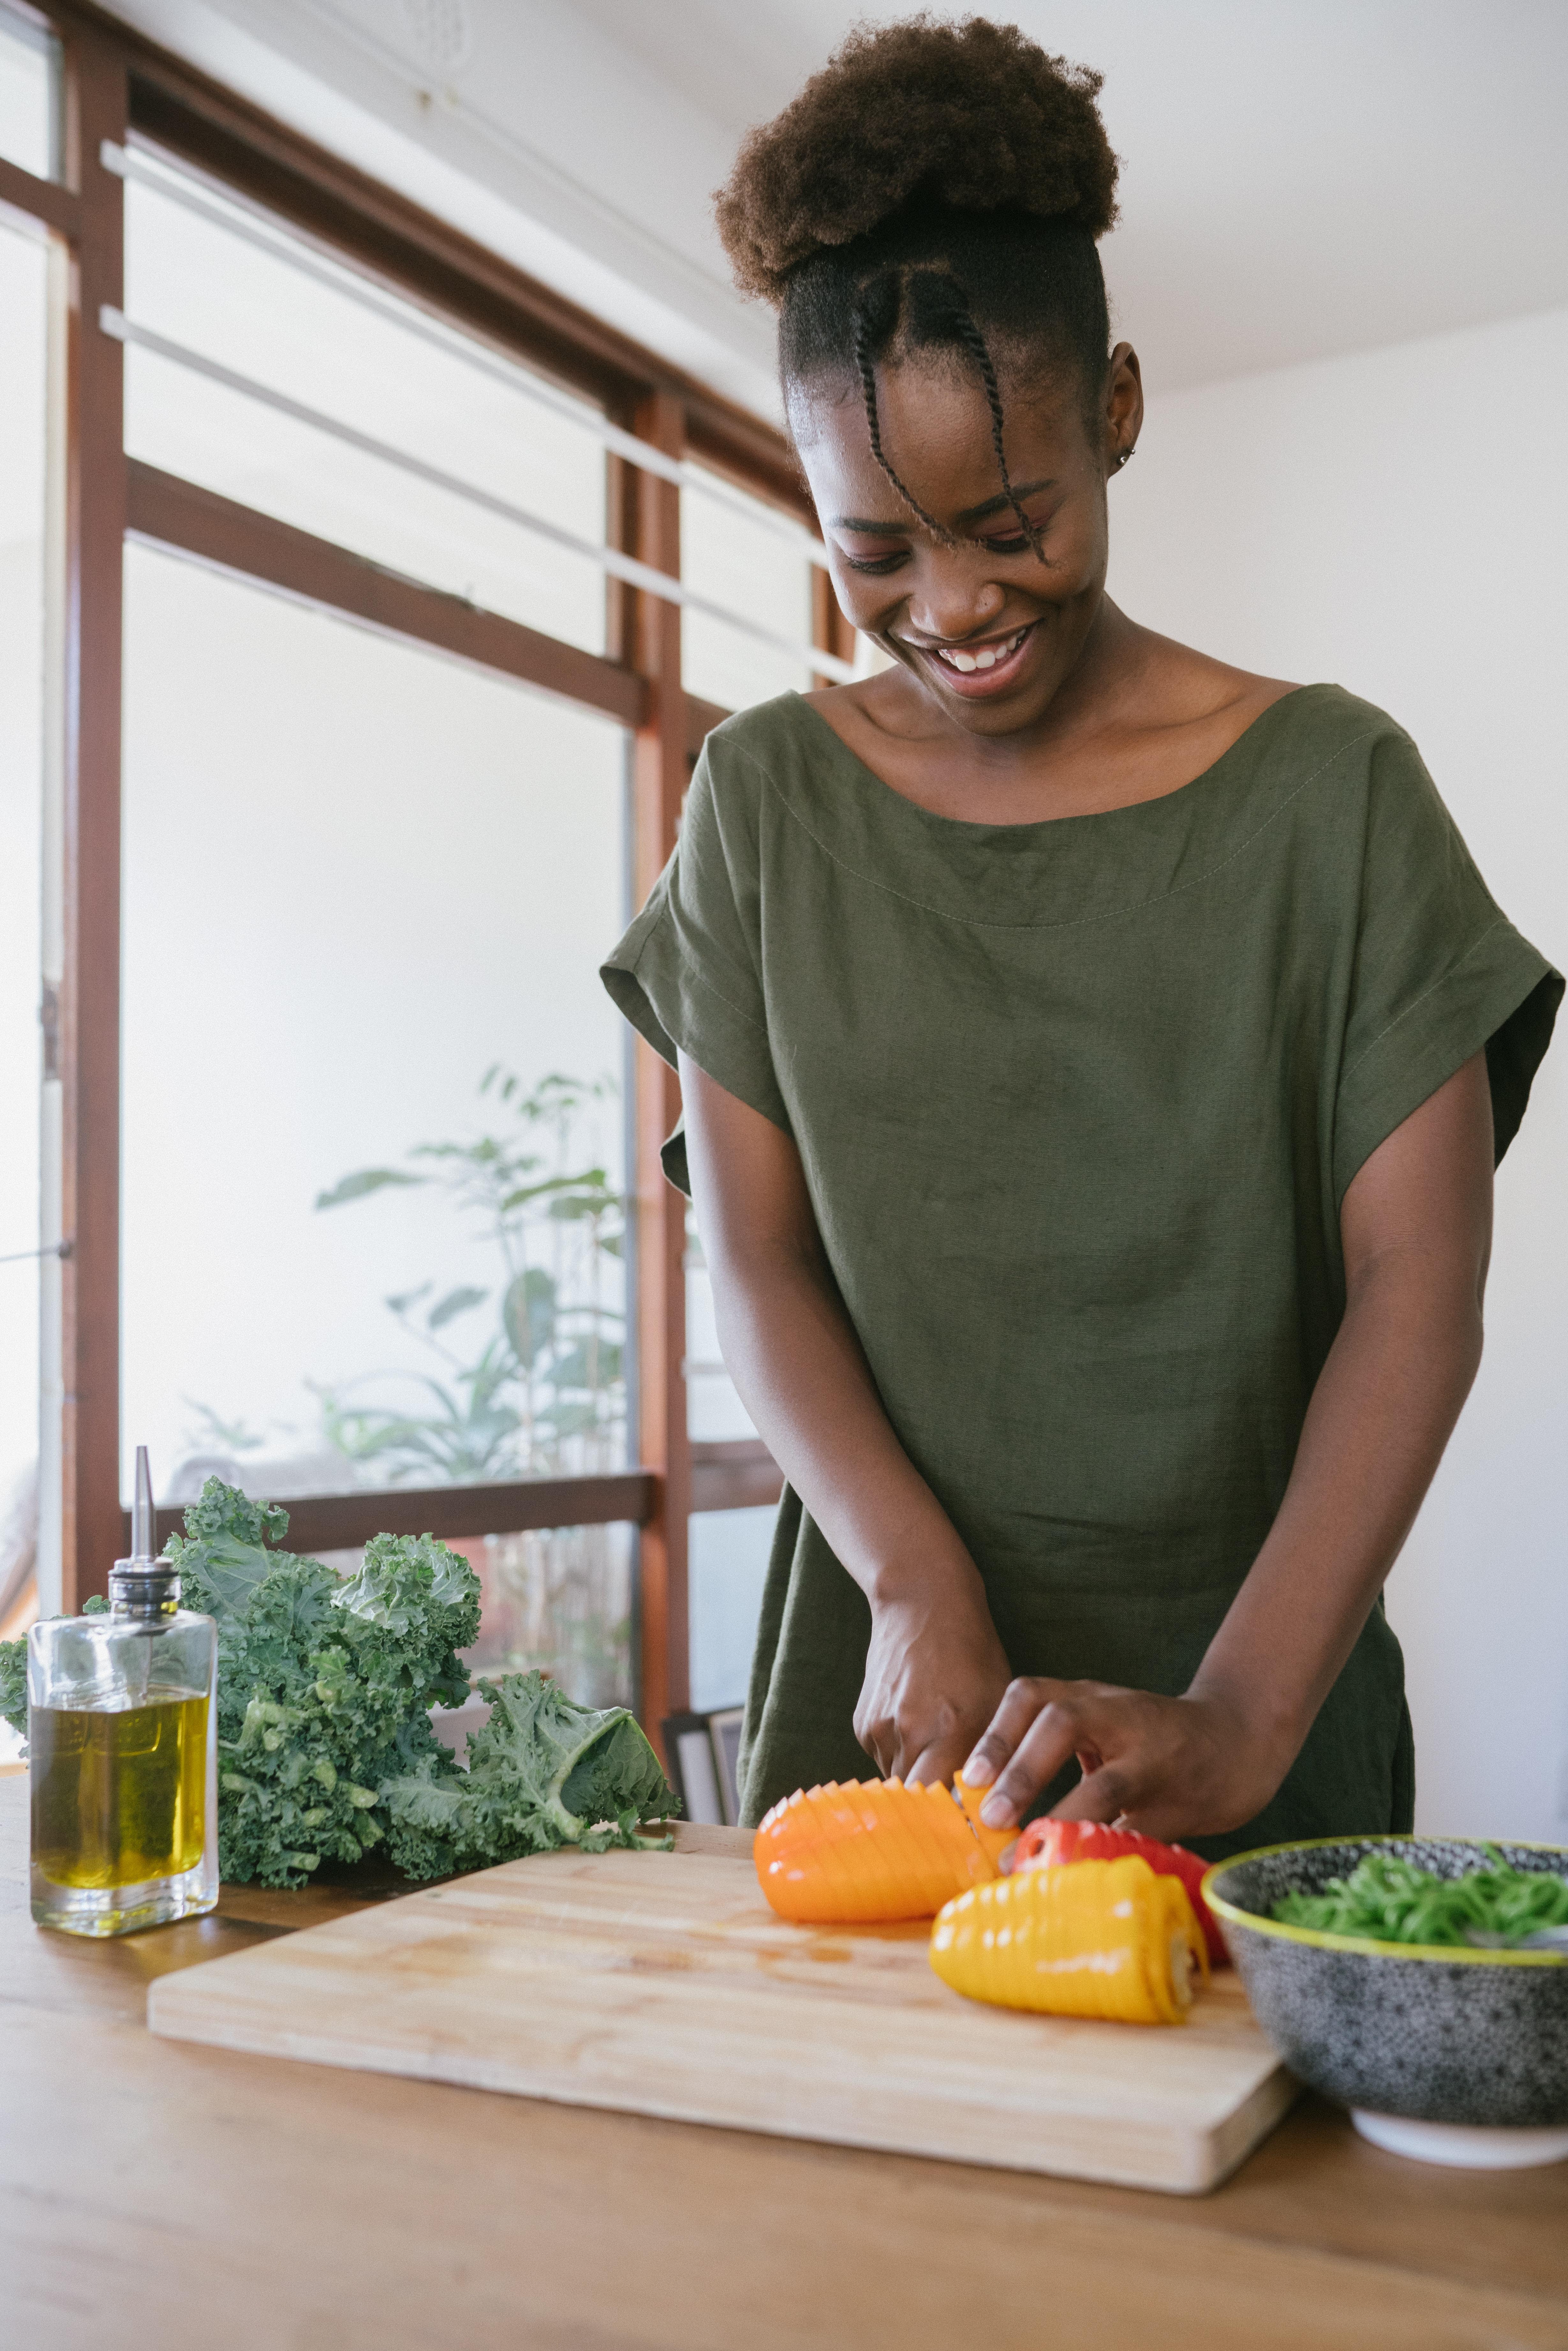 woman-in-green-tank-top-holding-orange-bell-pepper-3622643.jpg